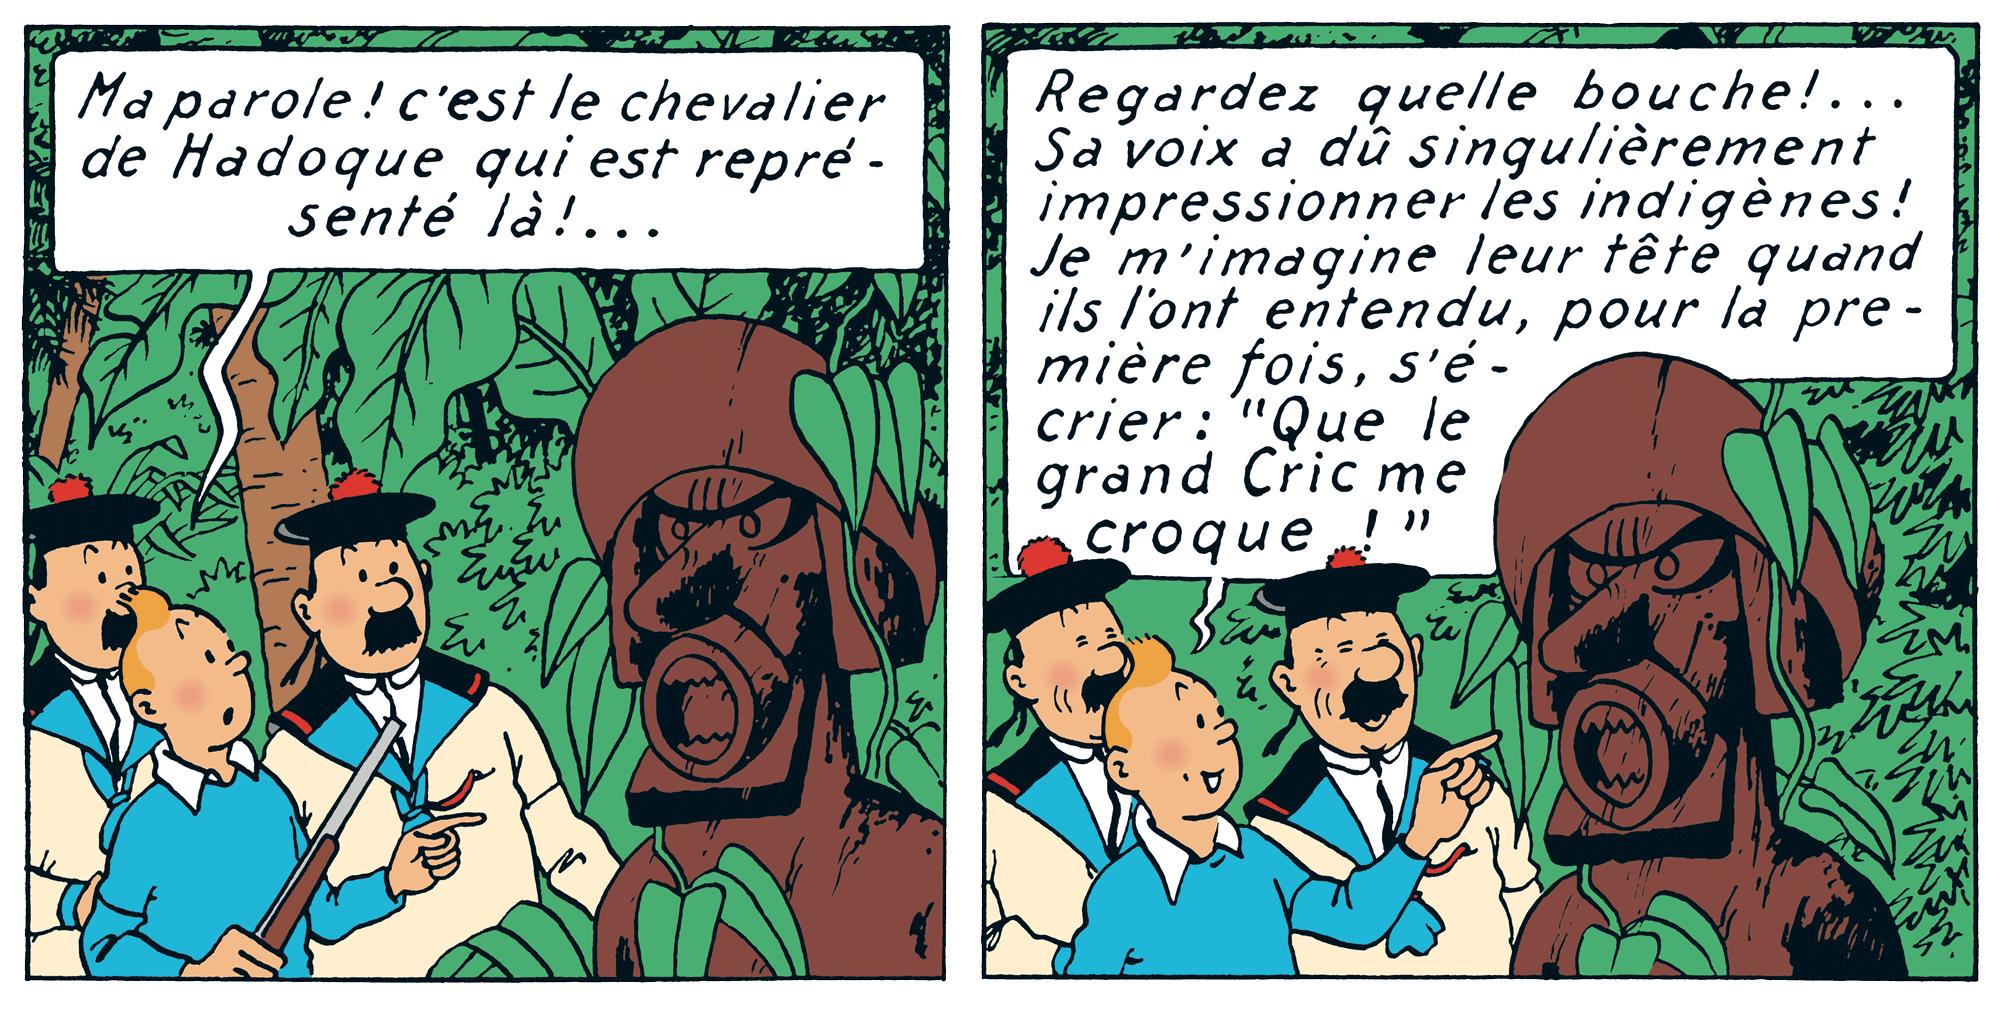 Tintin - Les Aventures de Tintin - Le Trésor de Rackham le Rouge - Que le grand cric me croque